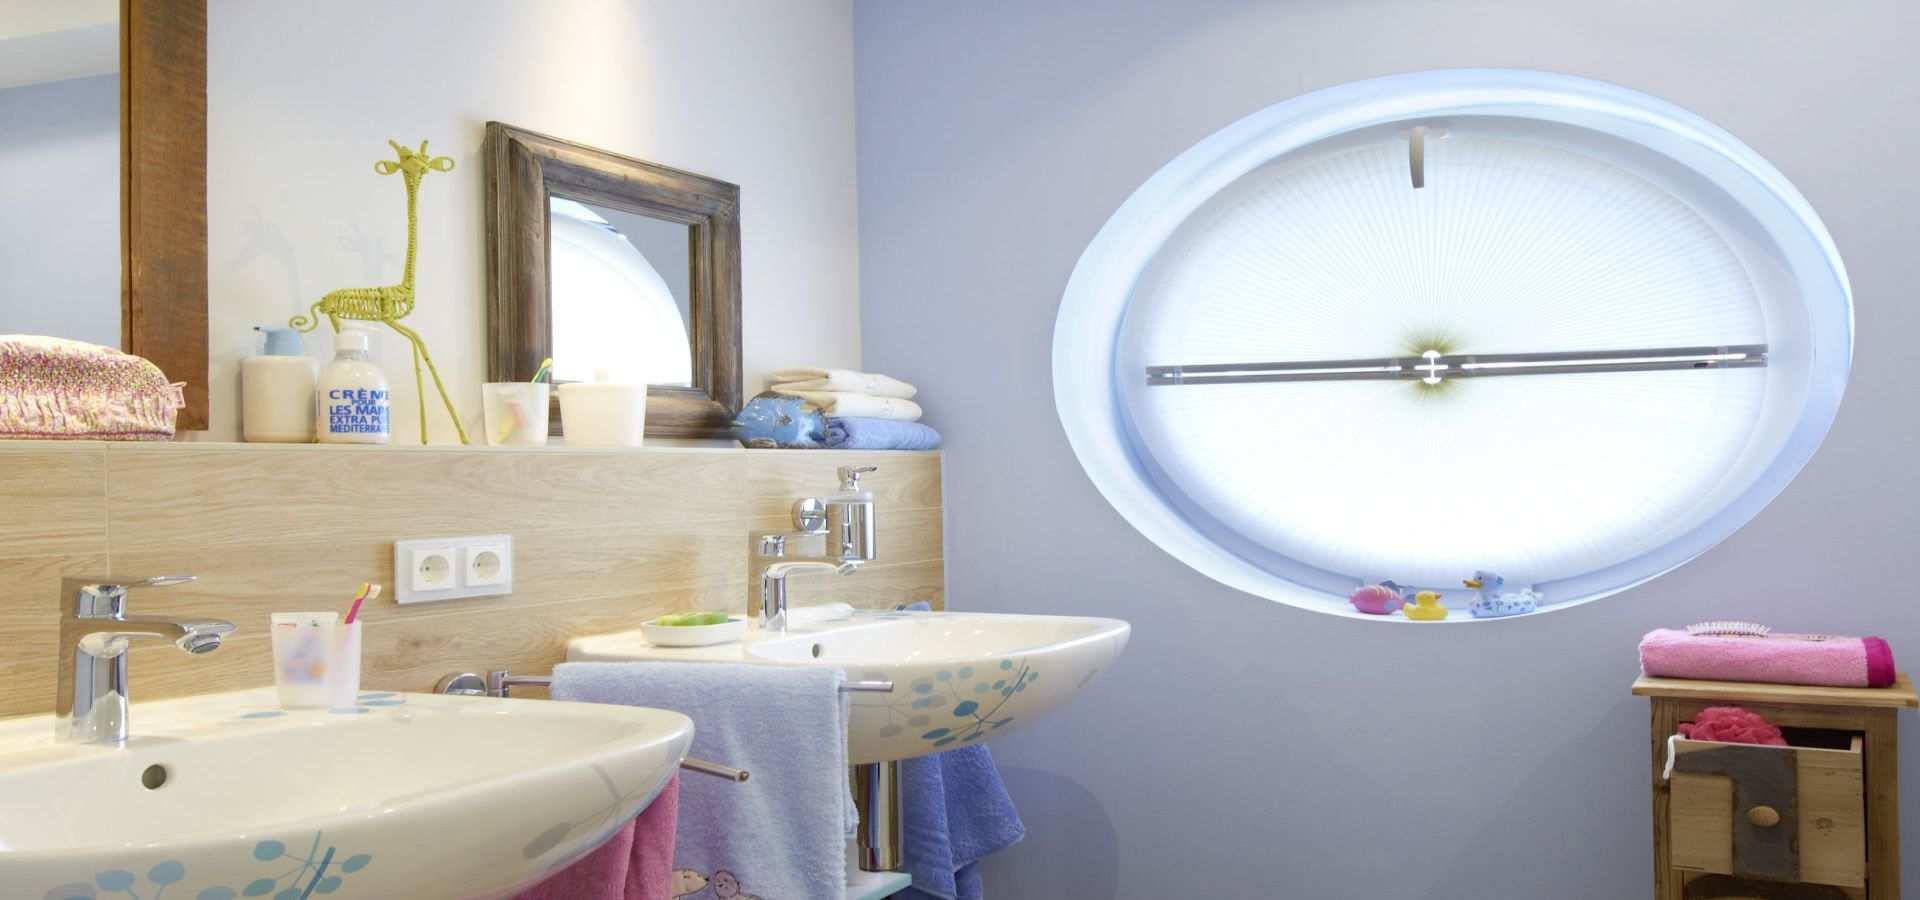 Bild Kinderbadezimmer Plissee rund